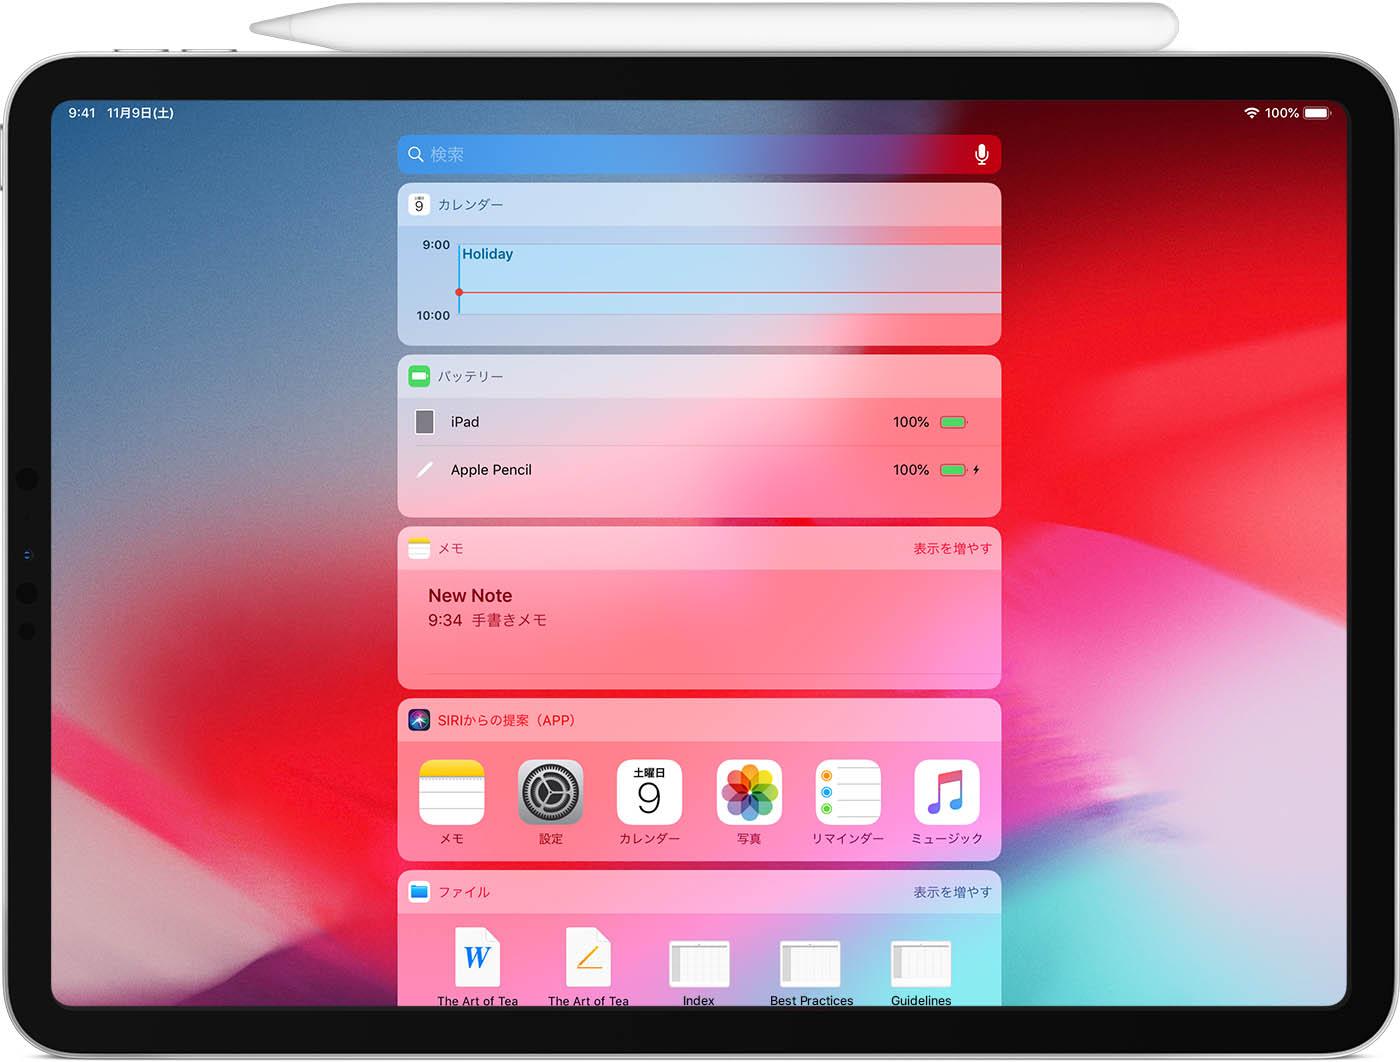 iPad や iPad Pro で Apple Pencil を使う - Apple サポート